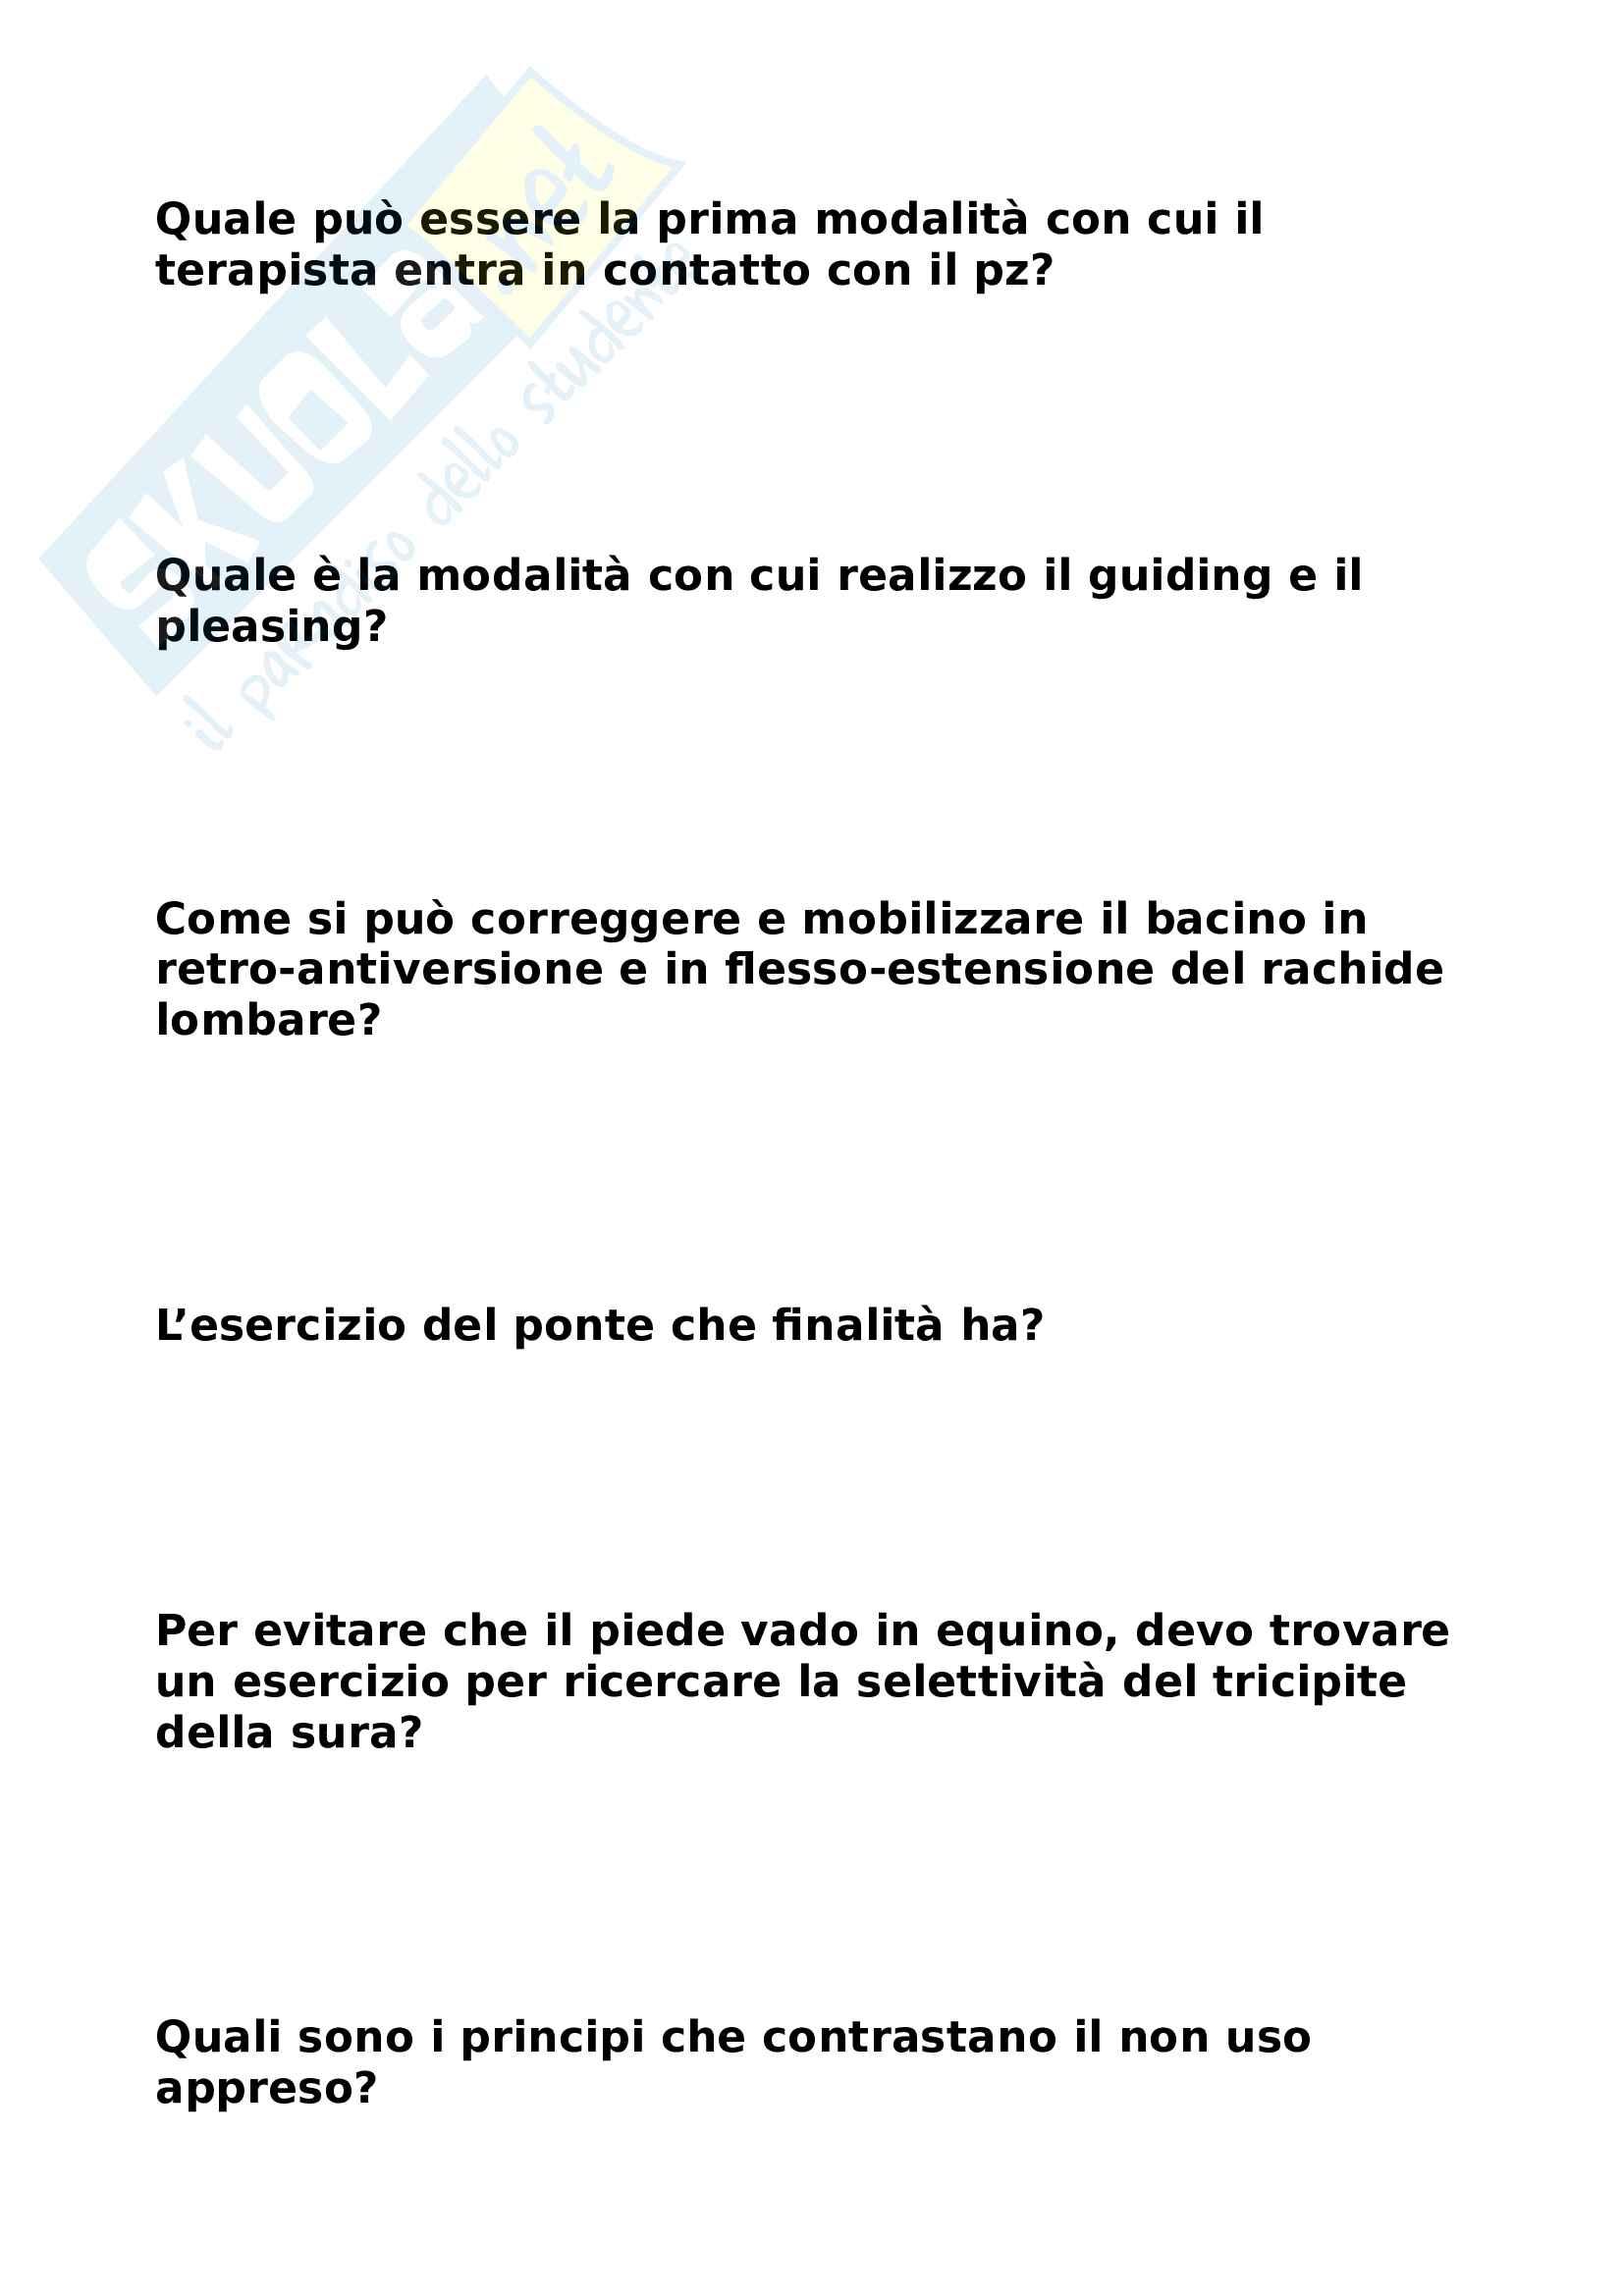 Domande affrontate a lezione Prof. Rasimelli